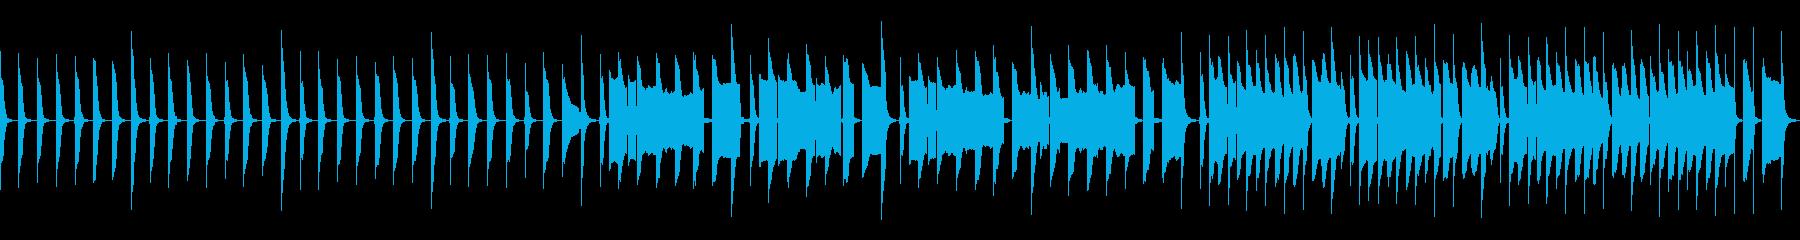 脱力なリコーダー練習の再生済みの波形